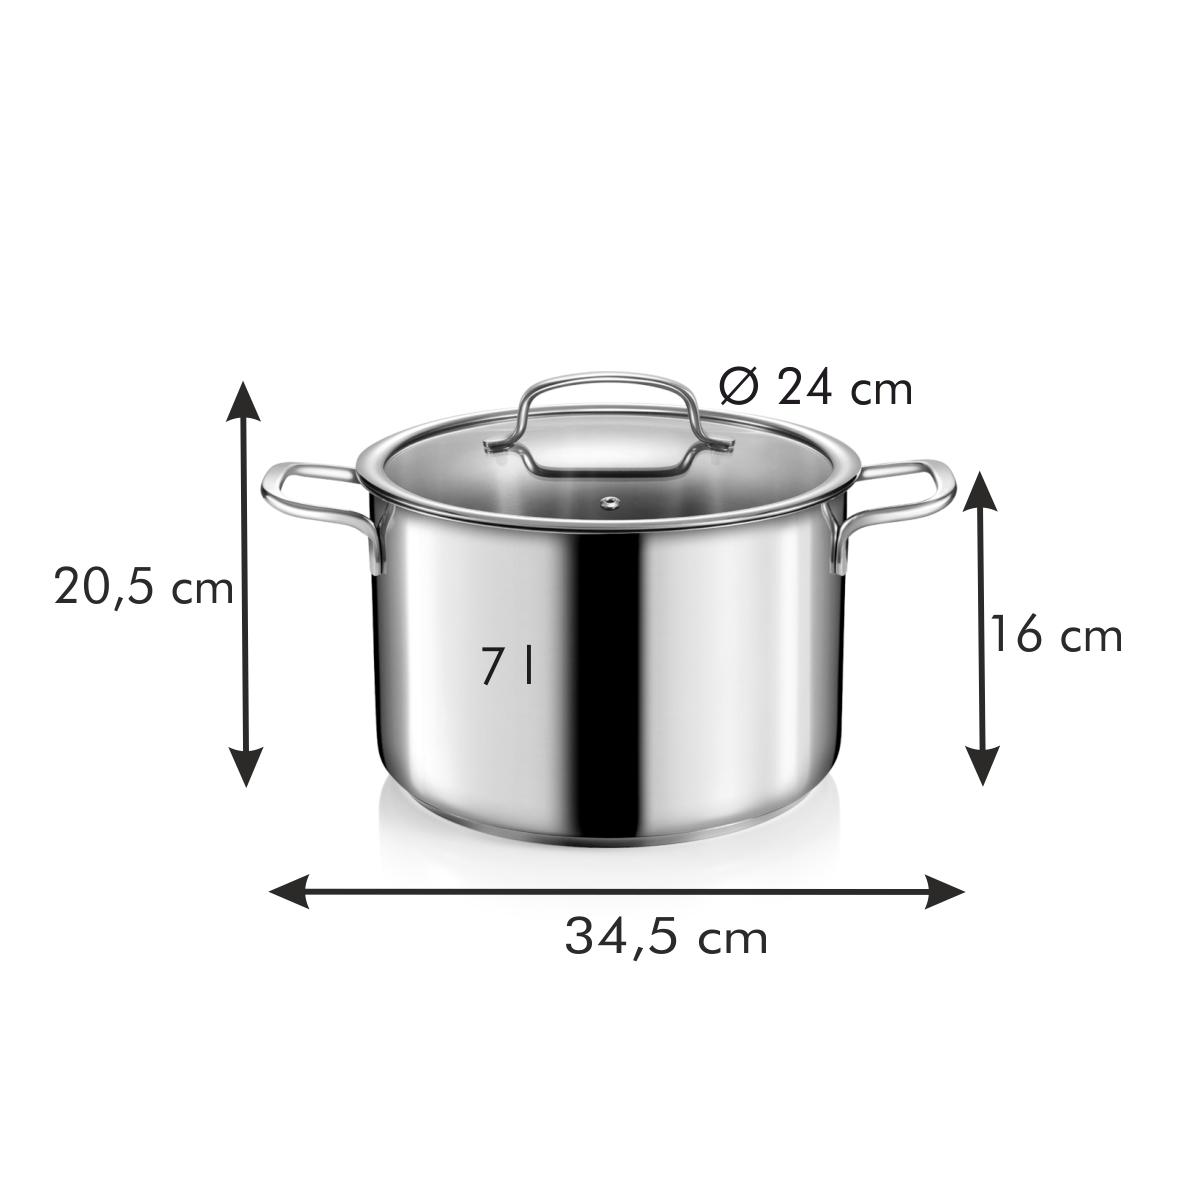 Hrnec s poklicí OPTIMA ø 24 cm, 7,0 l